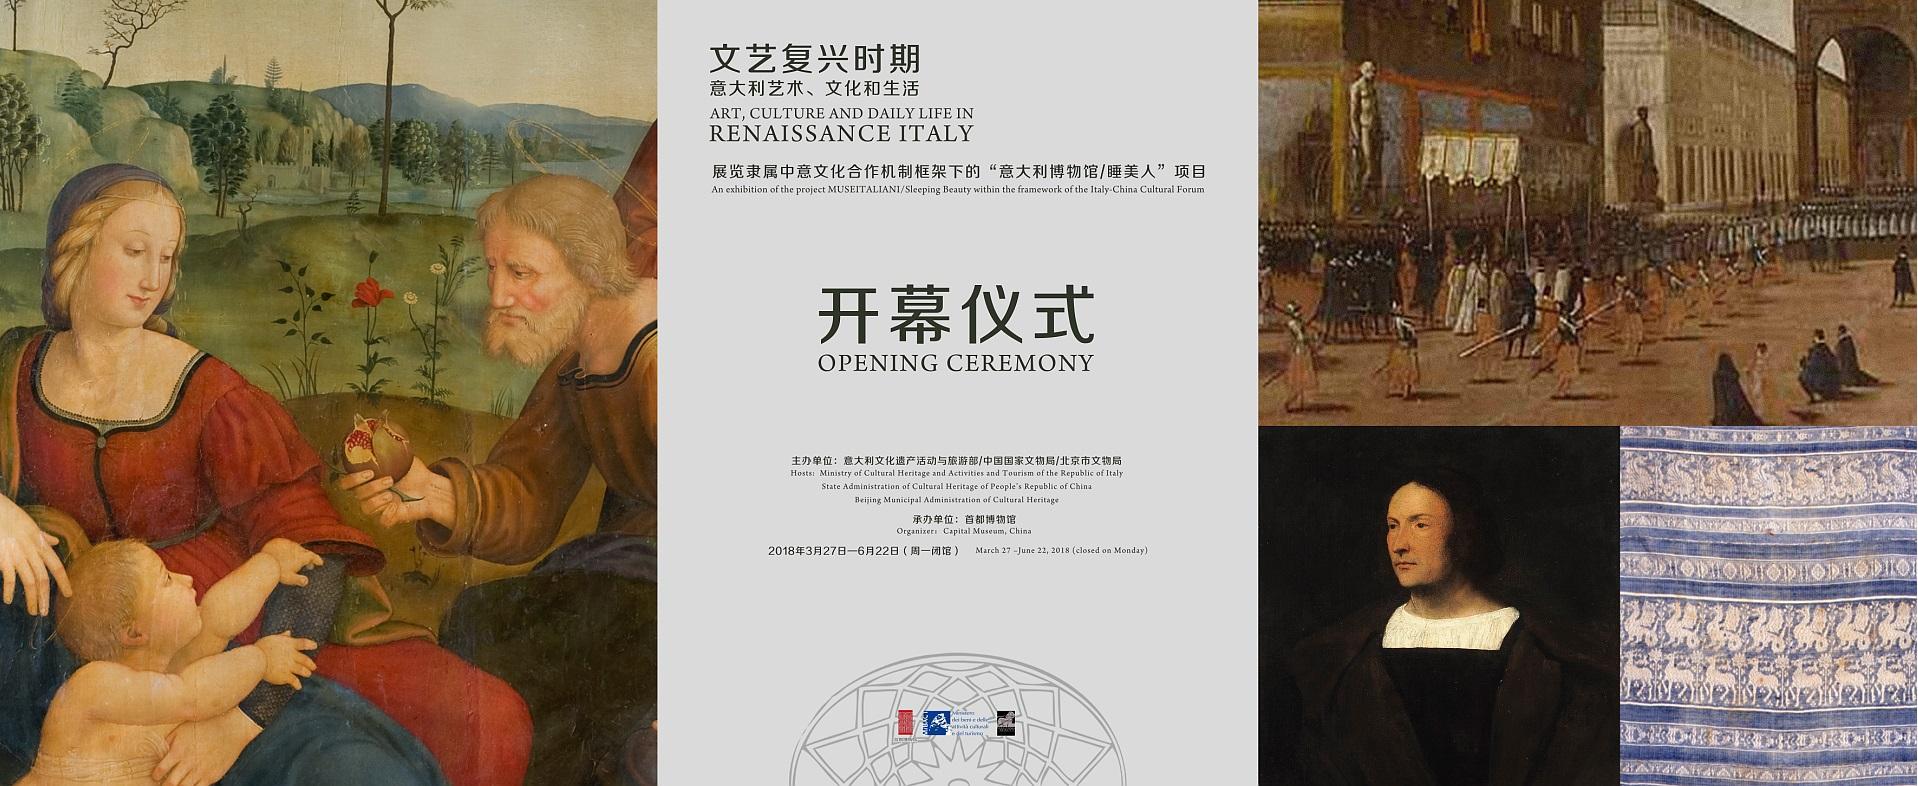 Opening Mostra Arte, cultura e vita quotidiana nel Rinascimento italiano